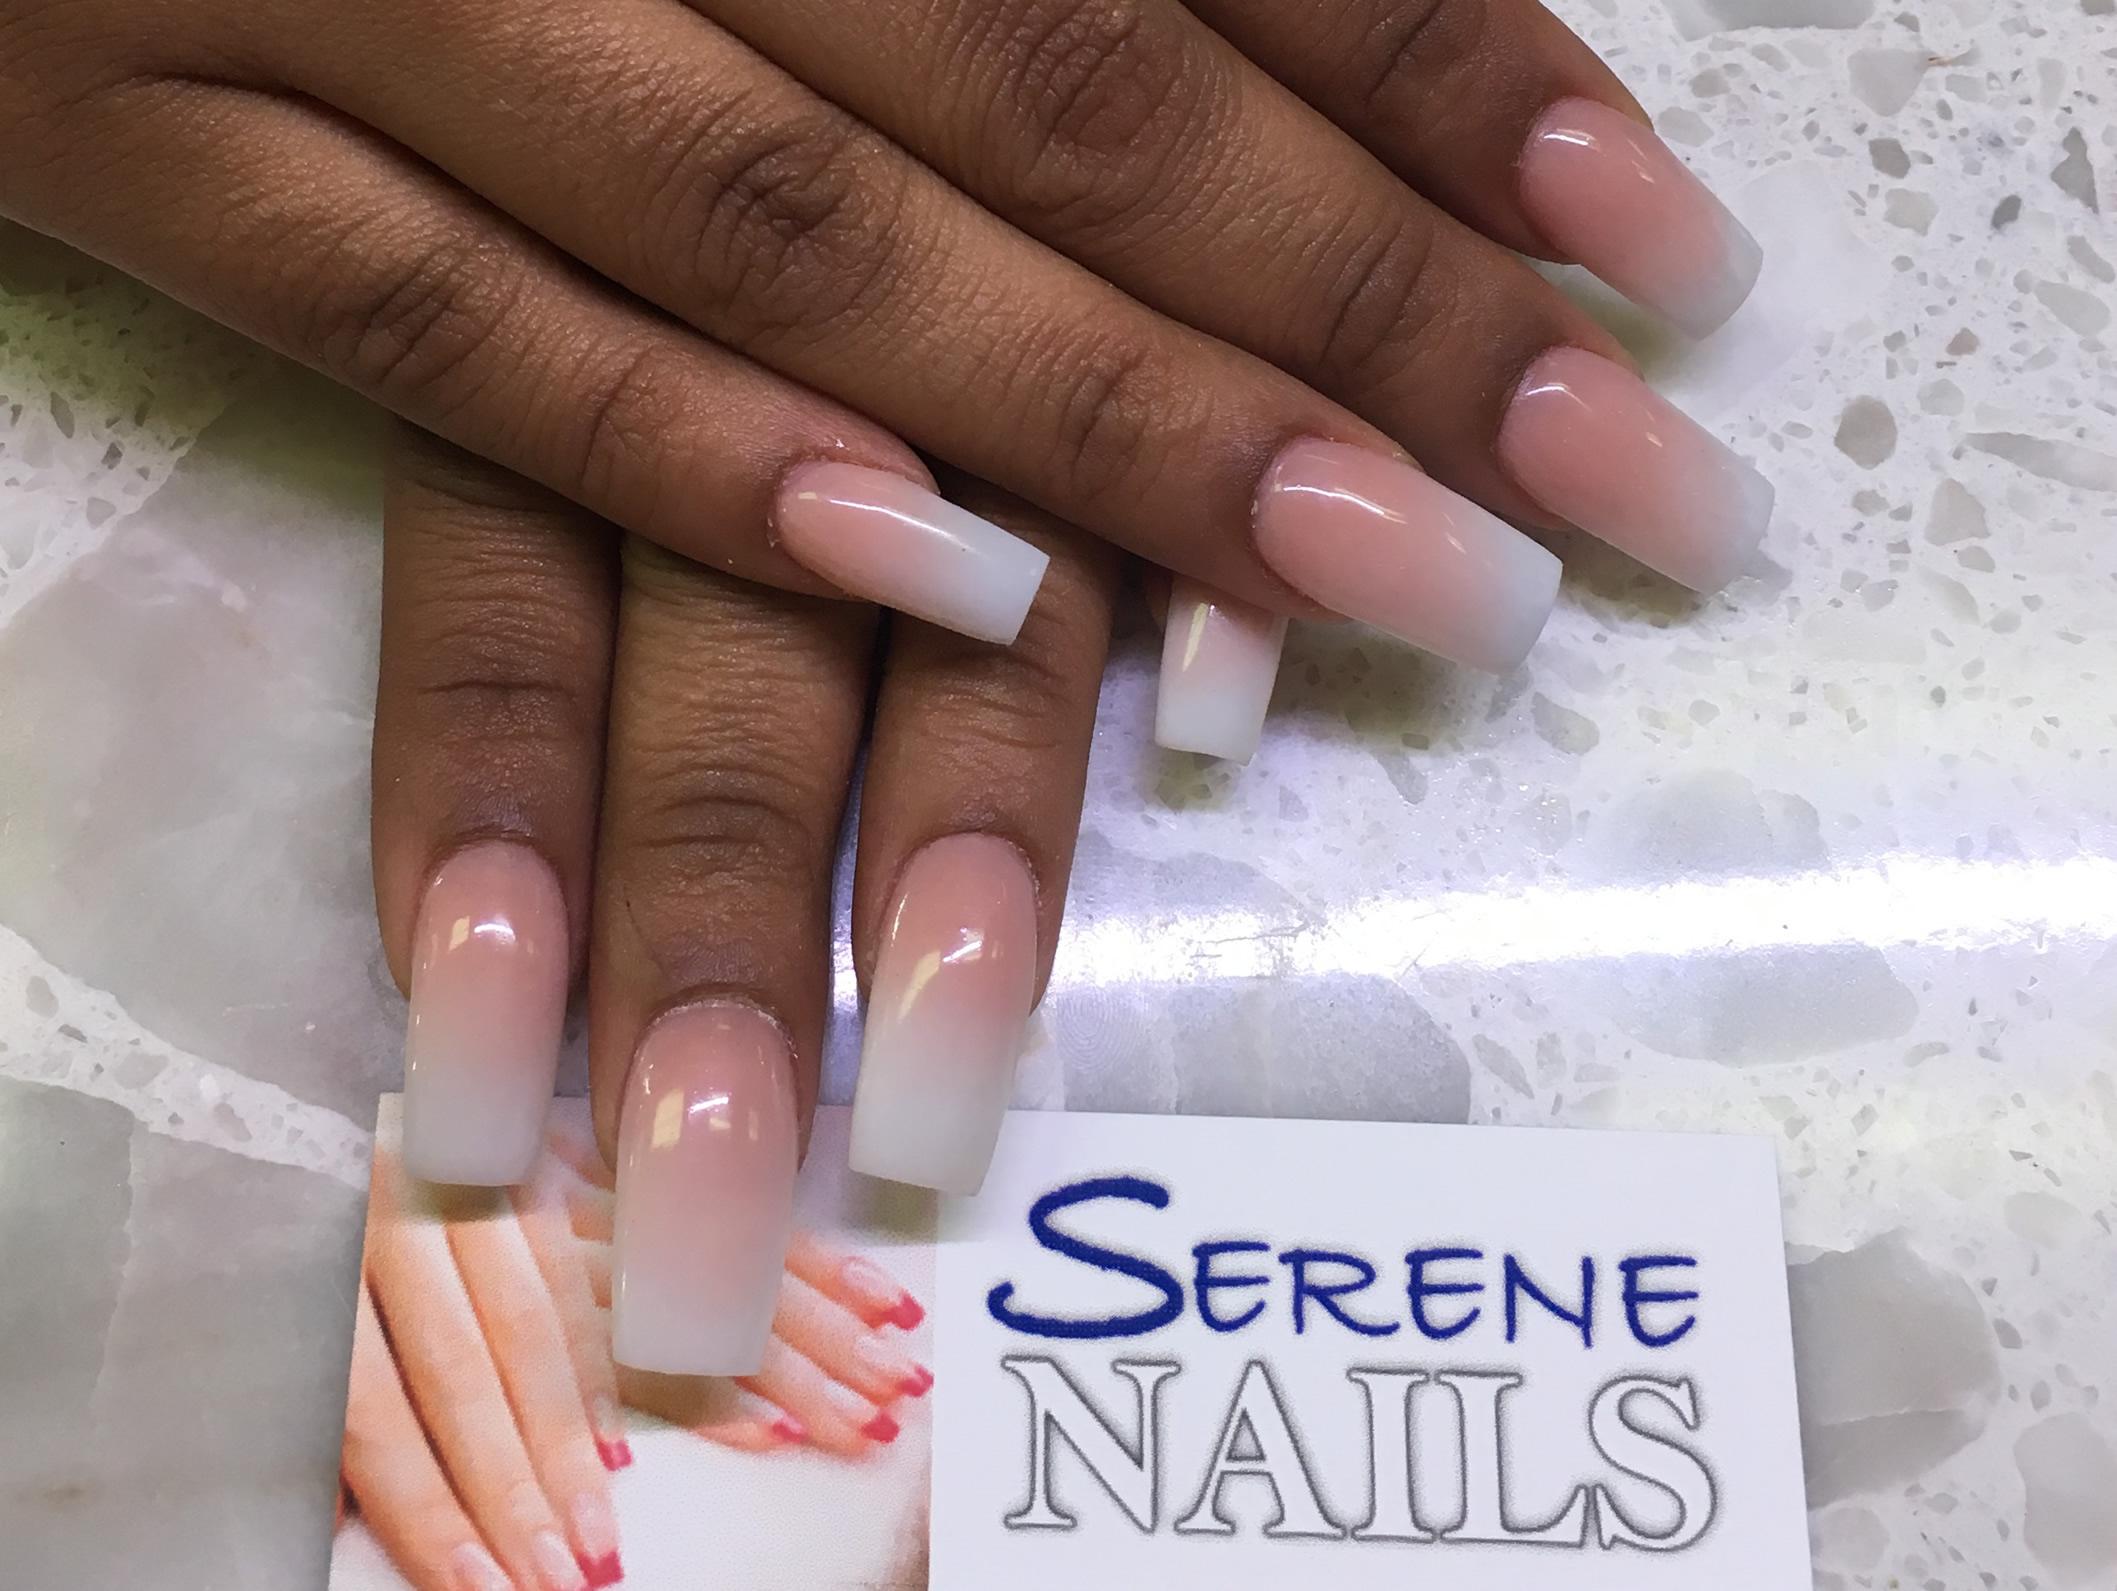 Serene Nails image 32